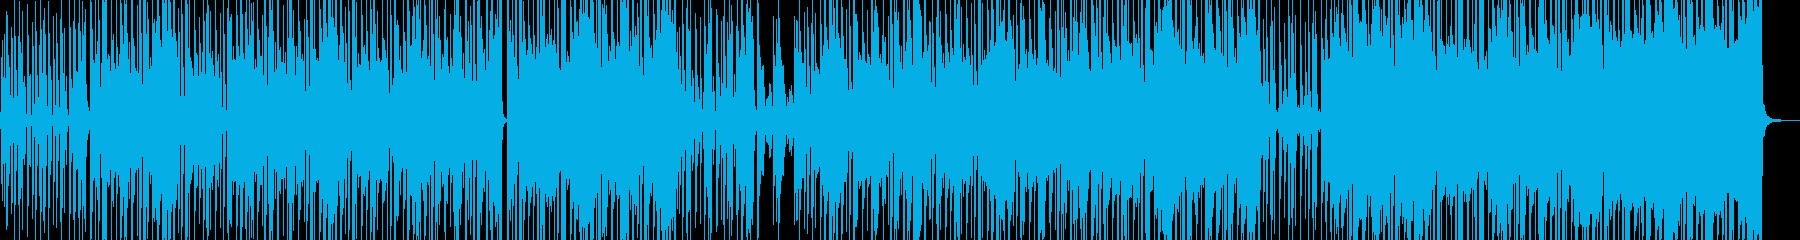 ストリート育ちイメージのヒップホップ Aの再生済みの波形